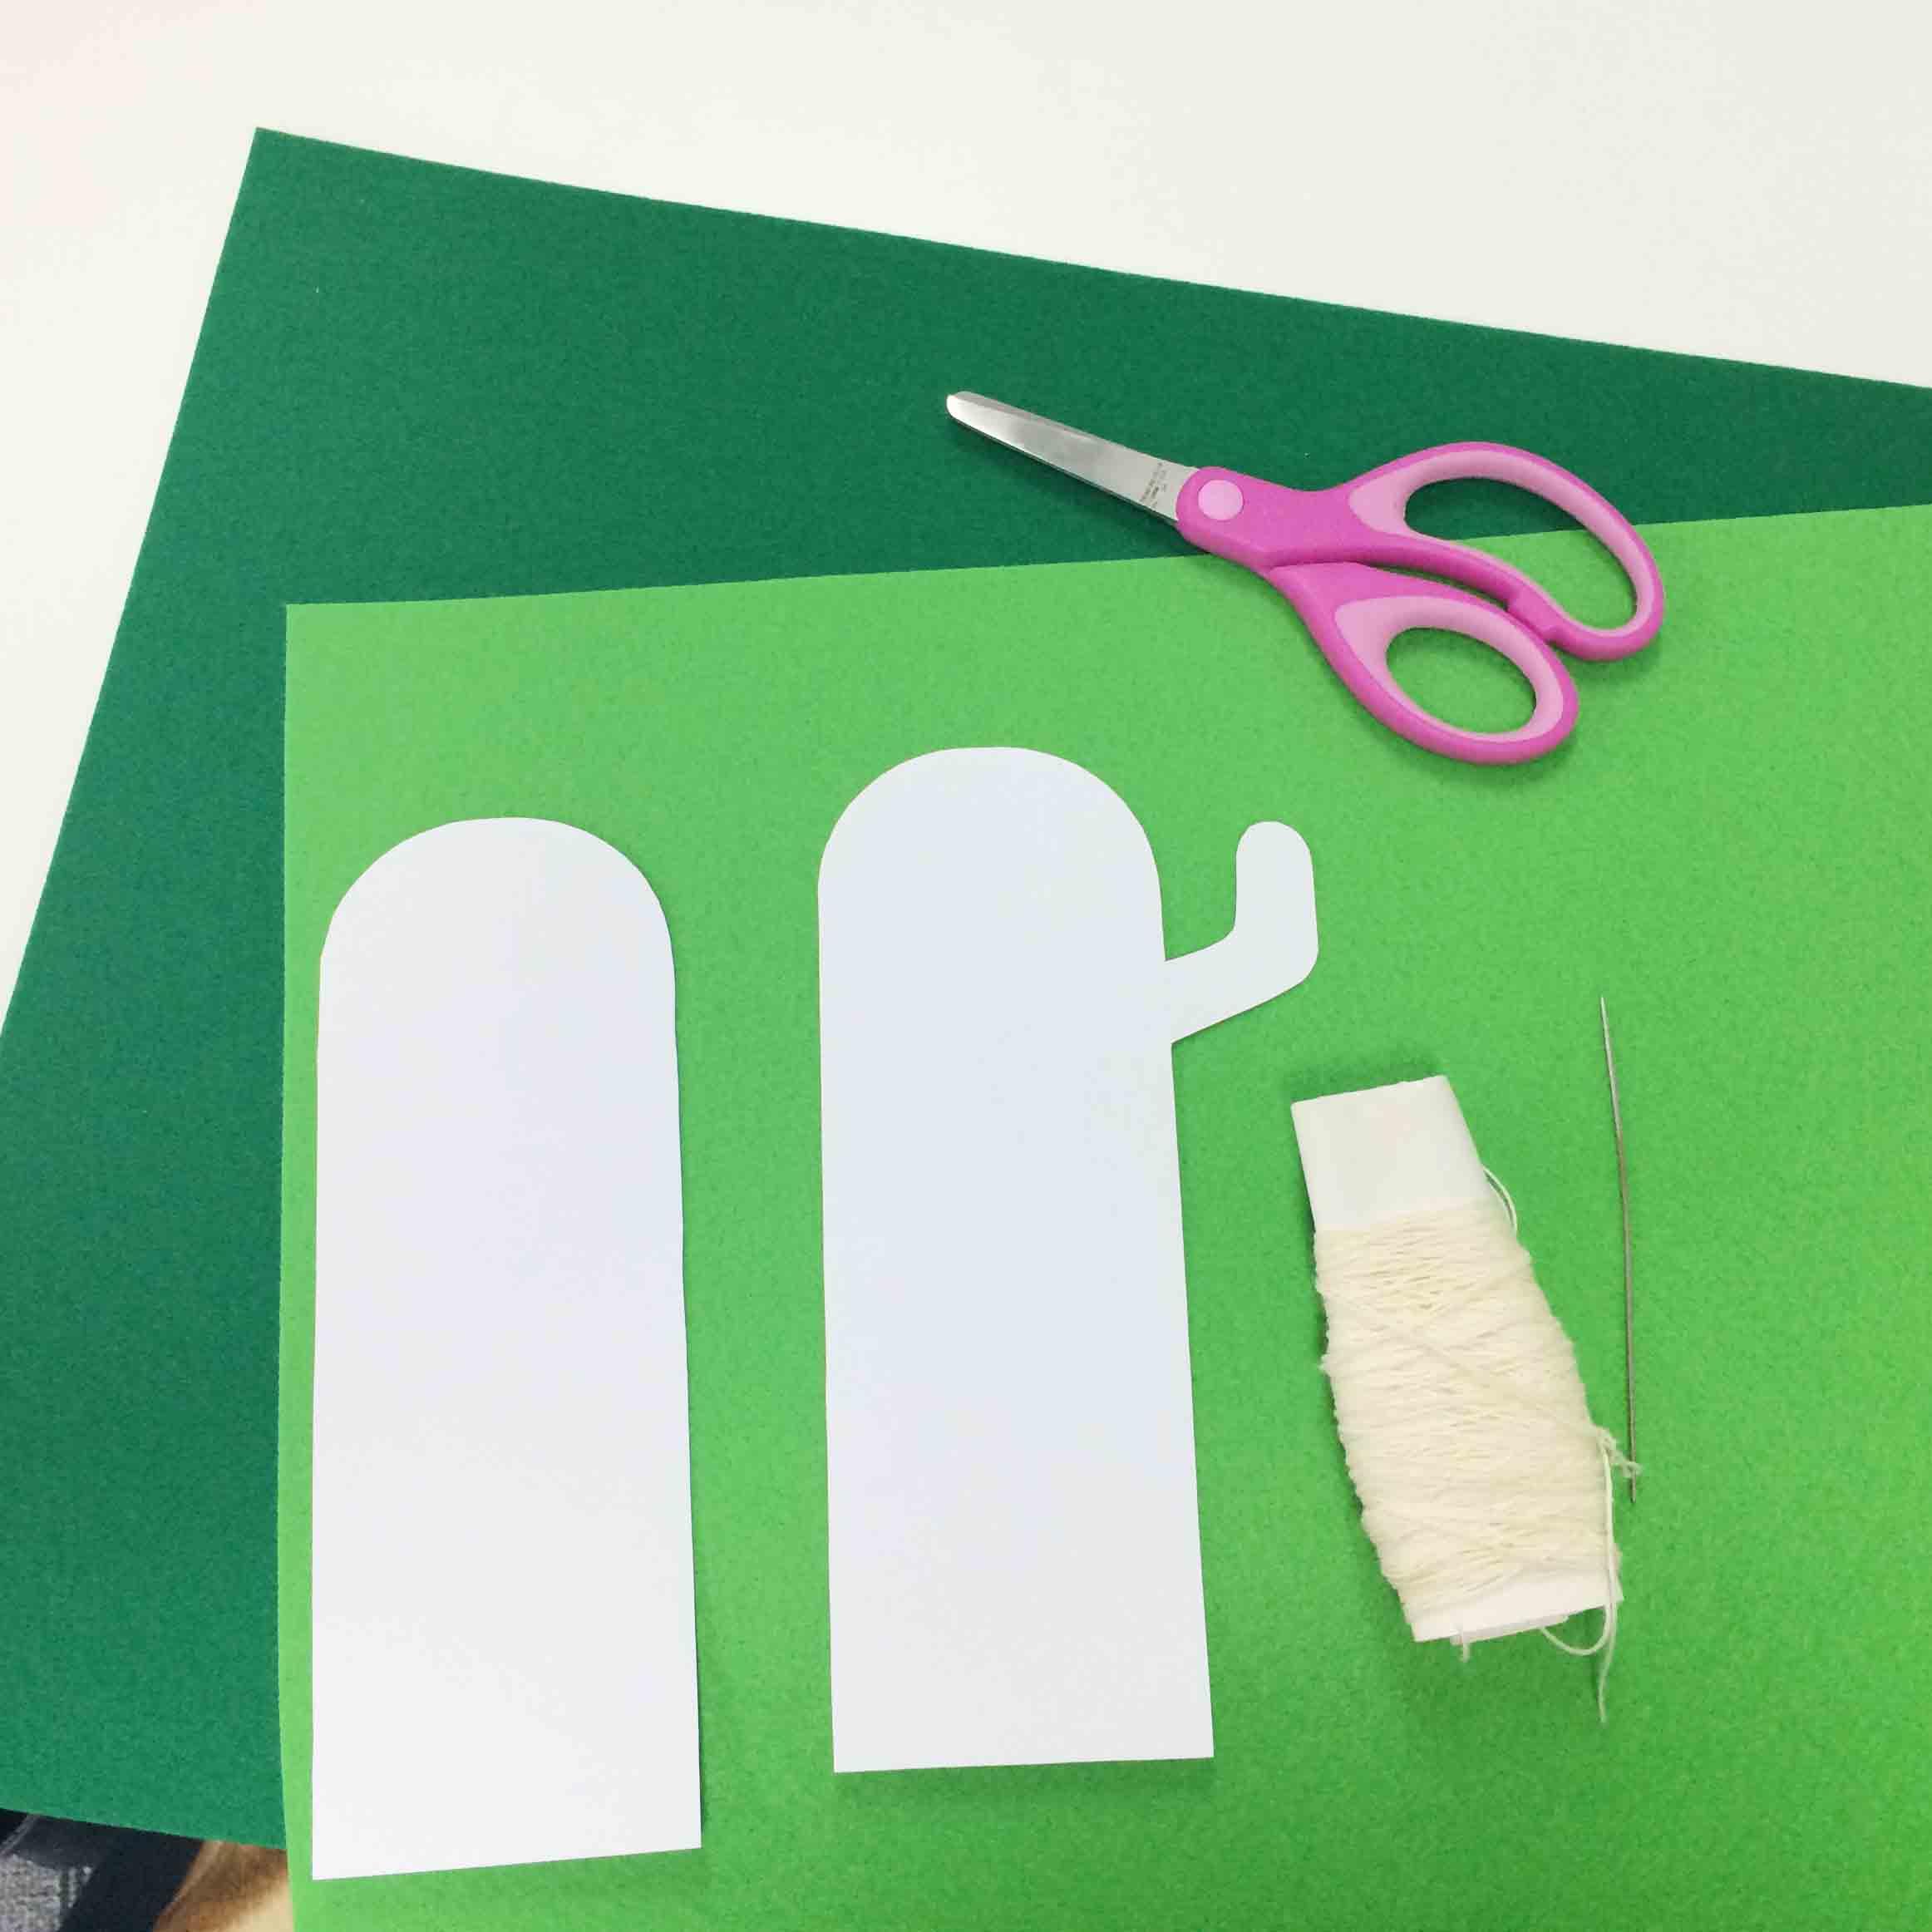 準備物:綠色毛氈布(1張)、圖案、剪刀、針線、外加一個空杯